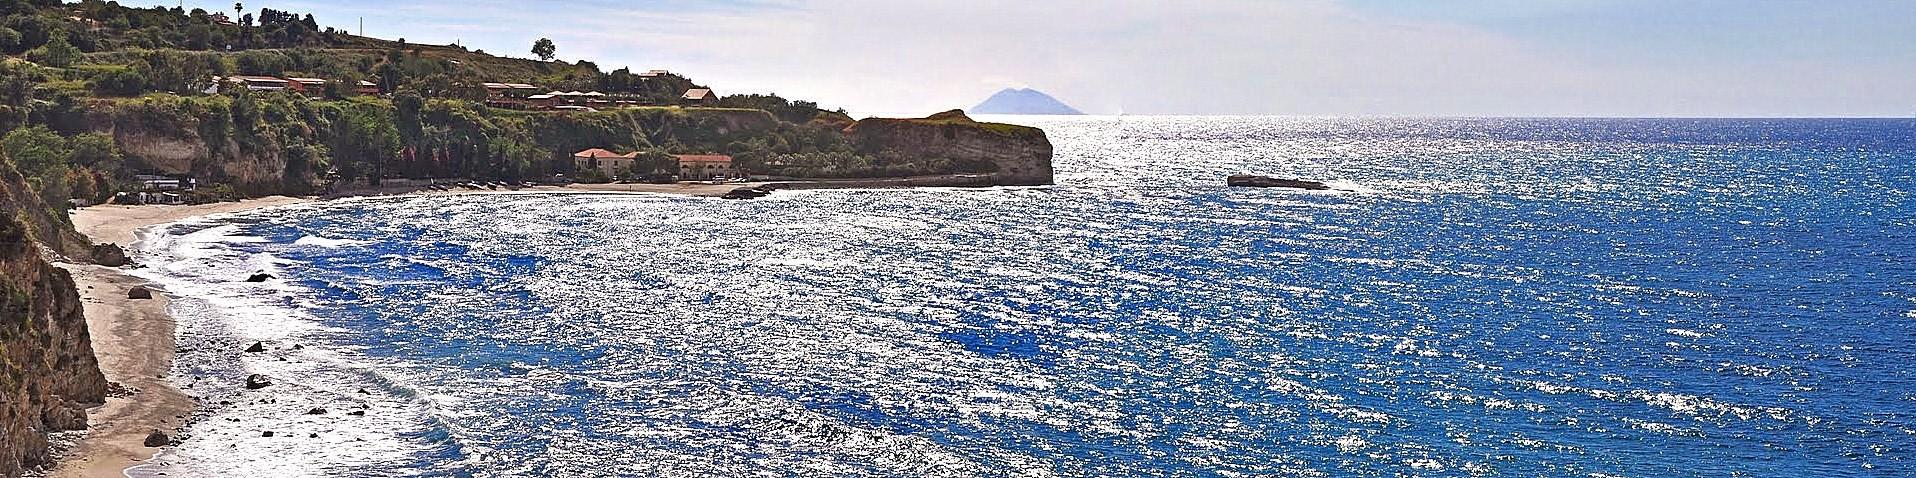 Briatico, pláž Lido San Giuseppe, v dálce je vidět dýmající sopka Stromboli